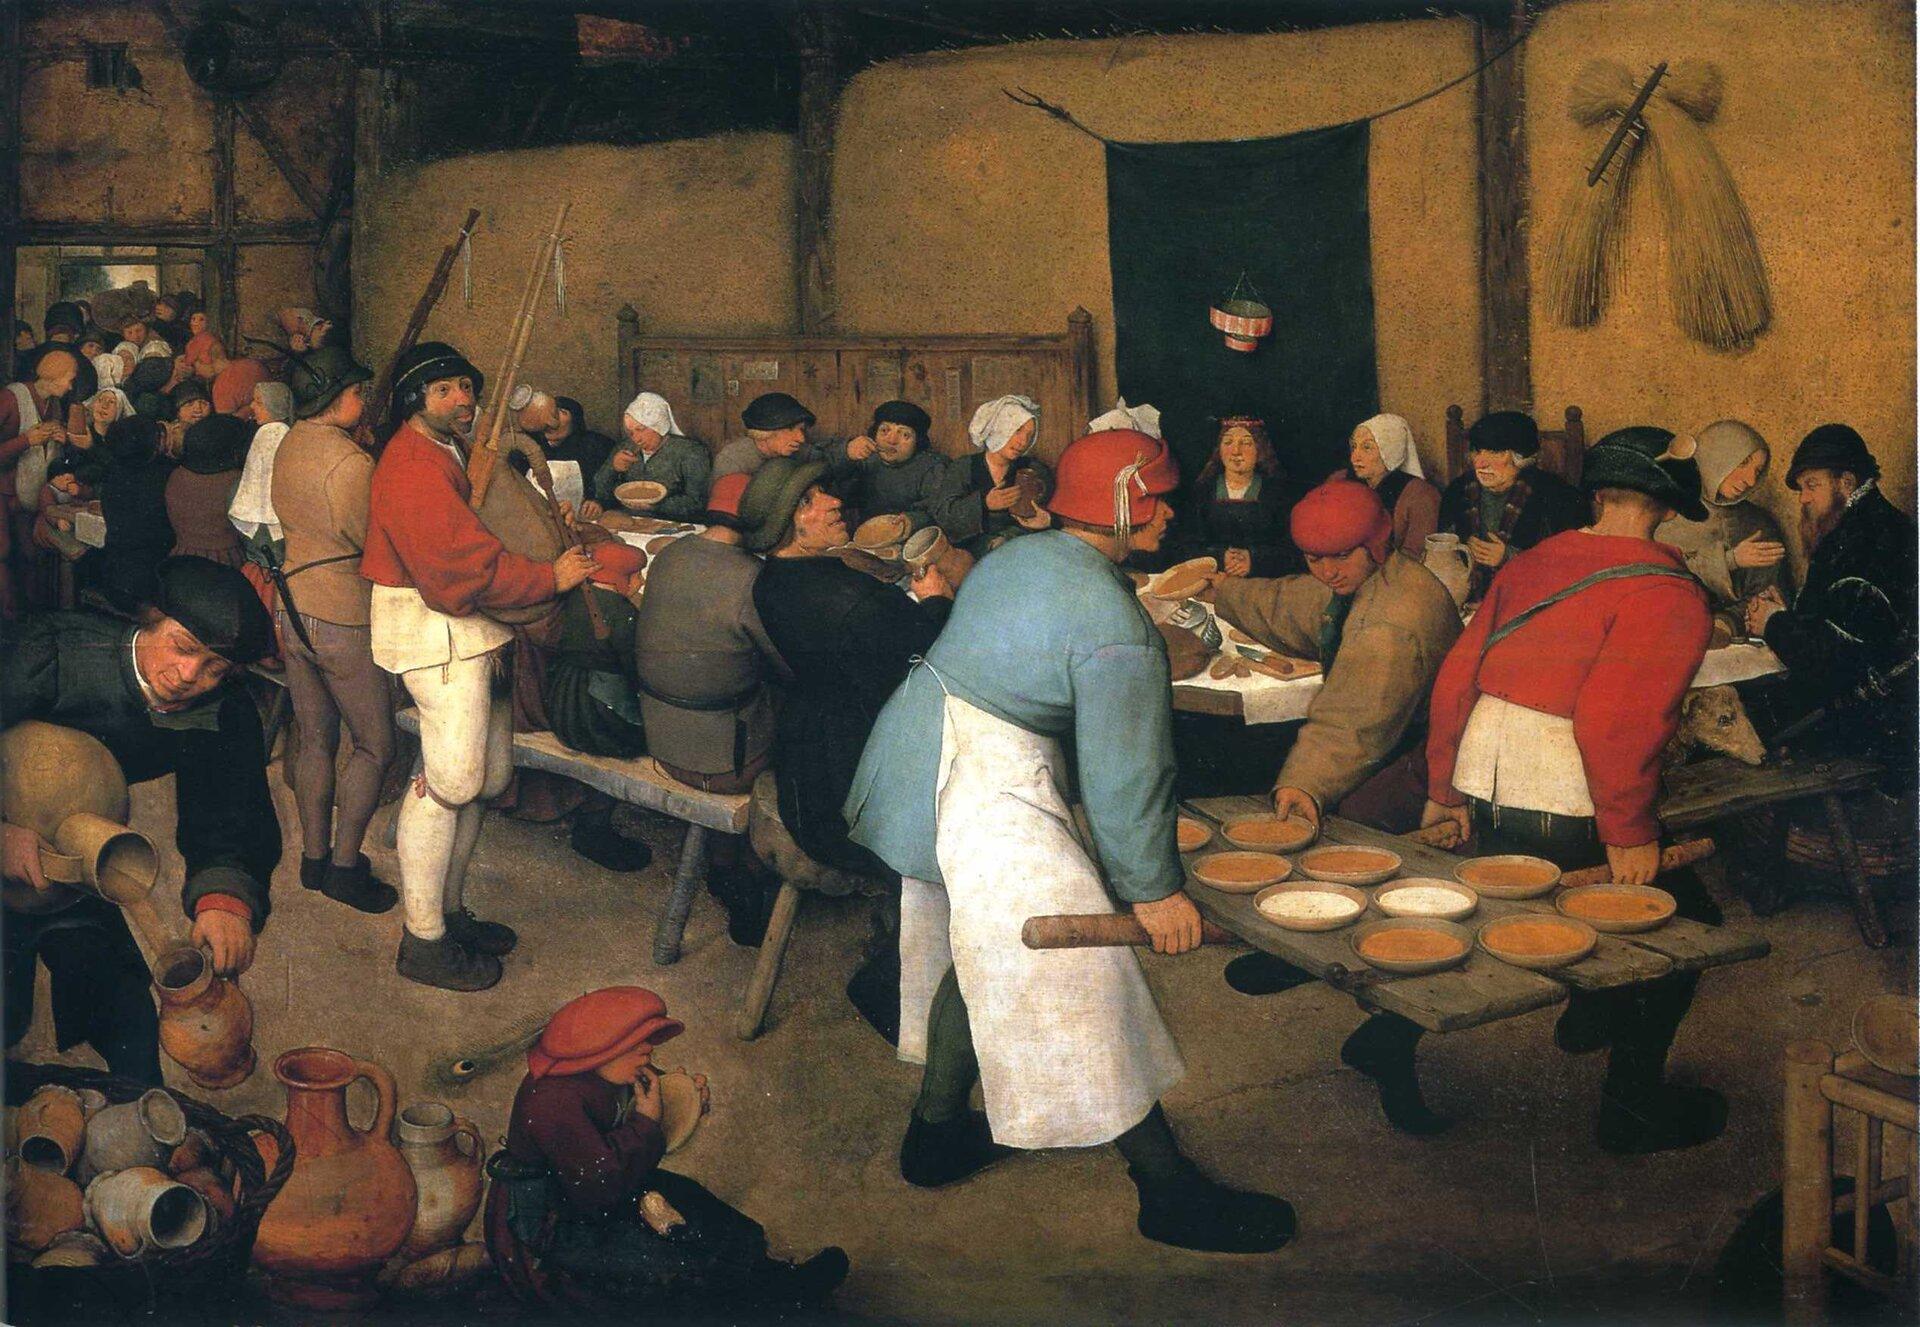 """Ilustracja przedstawia obraz Pietera Bruegela (Starszego) pt. """"Wesele chłopskie"""", Obraz ukazuje przyjęcie, które odbywa się wstodole, na ścianie wiszą snopki siana lub zboża oraz grabie. Przy stole, pod koroną siedzi panna młoda. Pana młodego nie widać. Na pierwszym planie dwaj słudzy niosą na drzwiach talerze zzupą. Wkoło stołów siedzą ludzie trzymają oni łyżki wustach, inni dzierżą kufle przy ustach pijąc piwo. Na pierwszym planie, na dole siedzi dziecko wczerwonym kapturze ioblizuje palce."""